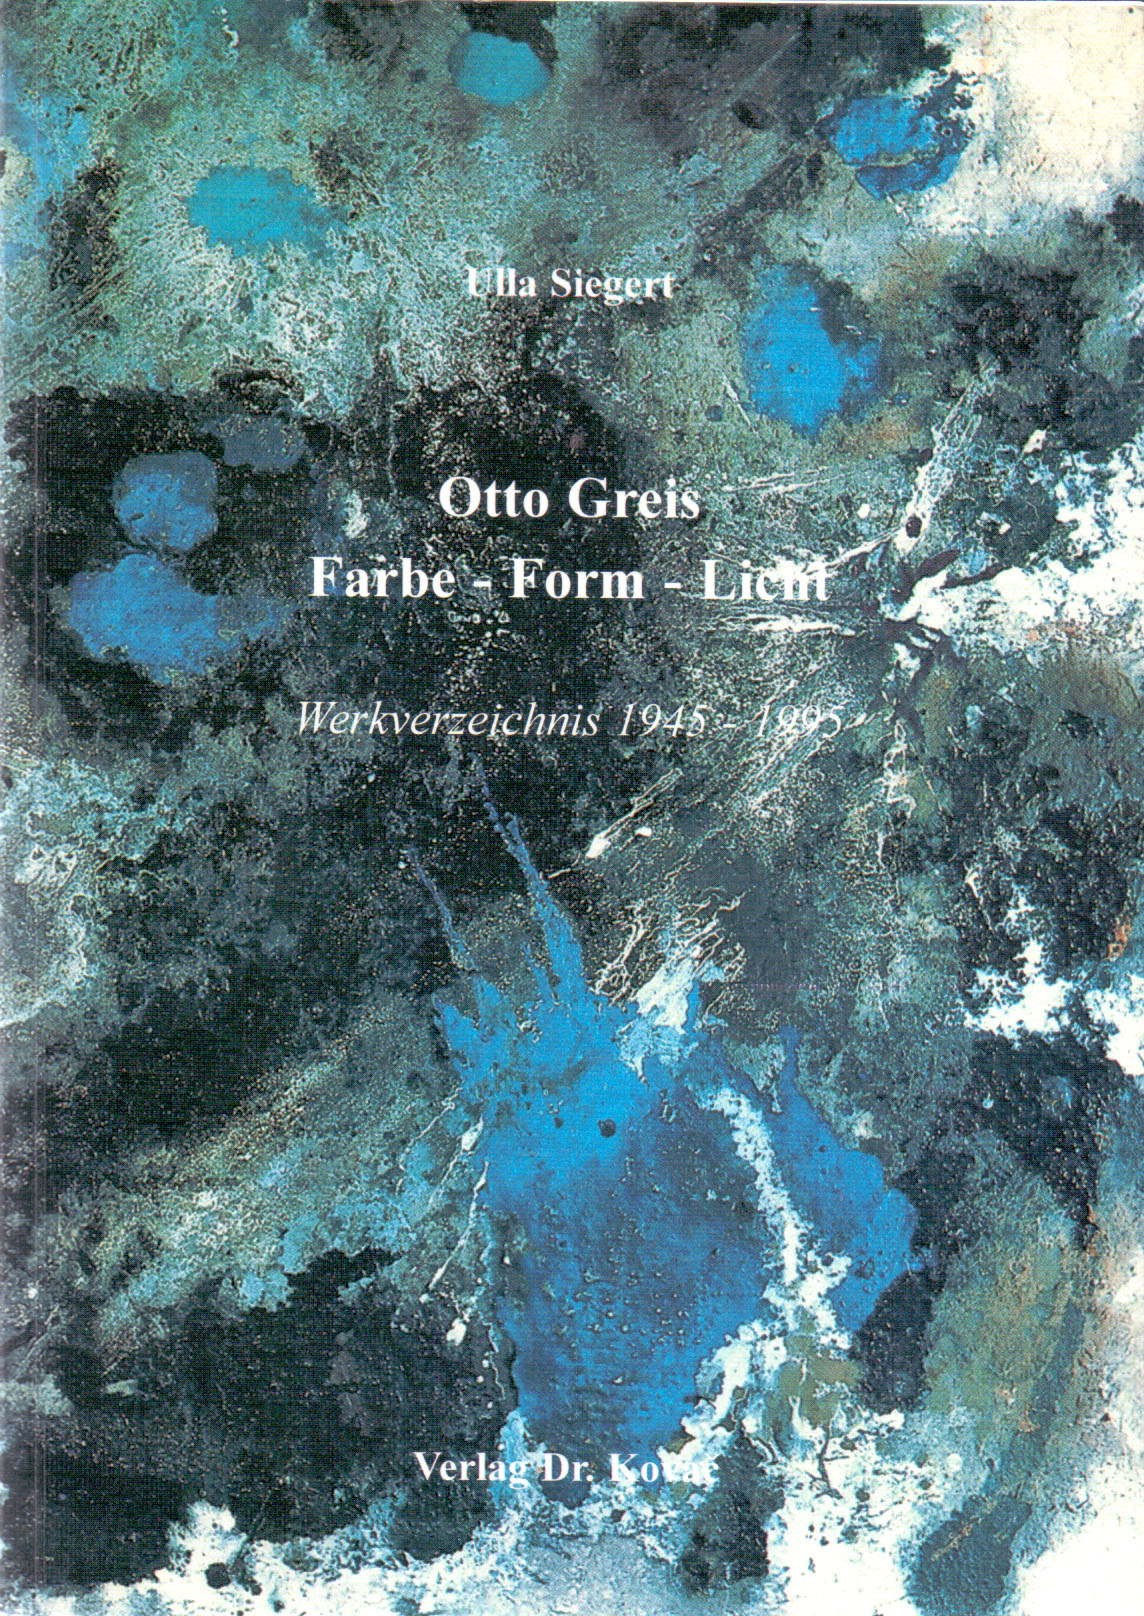 Cover: Otto Greis Farbe-Form-Licht